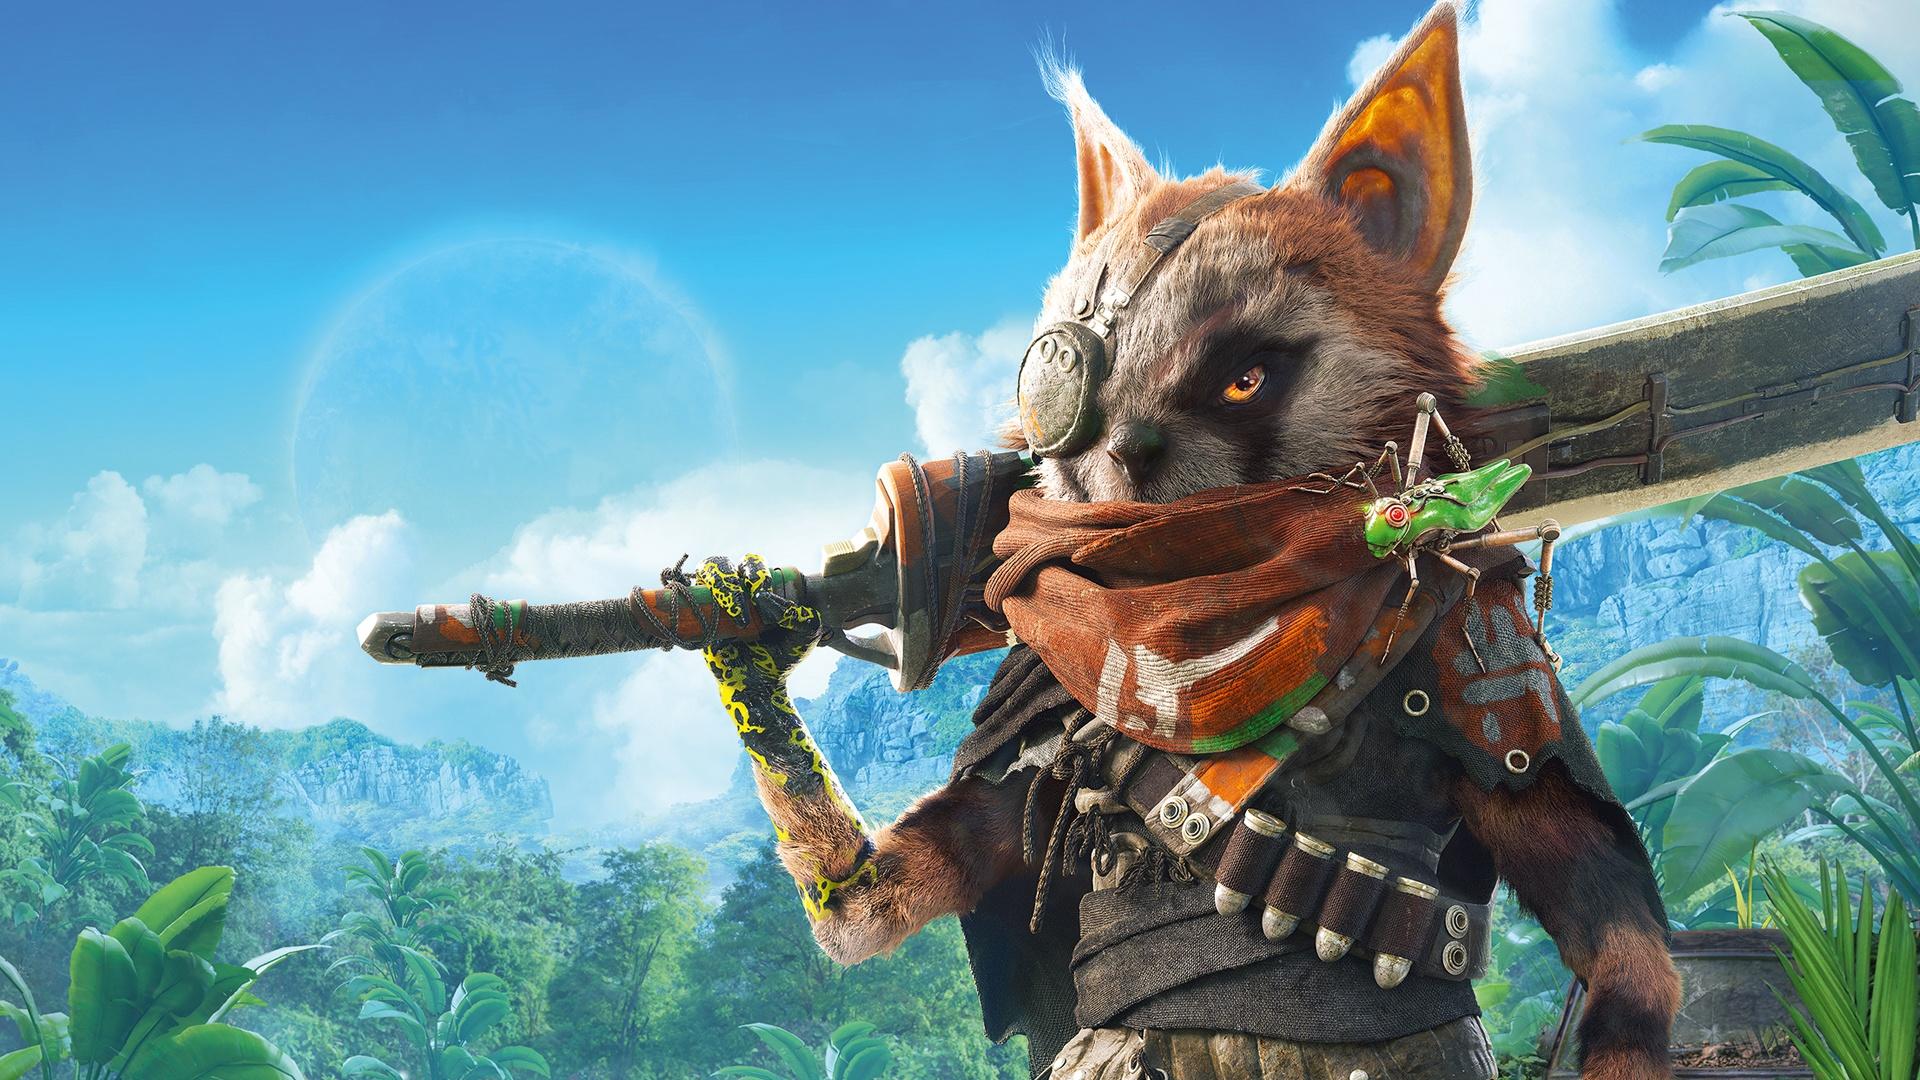 Biomutant – Postapokalyptisches Kung-Fu-Action-RPG hat einen Release-Termin